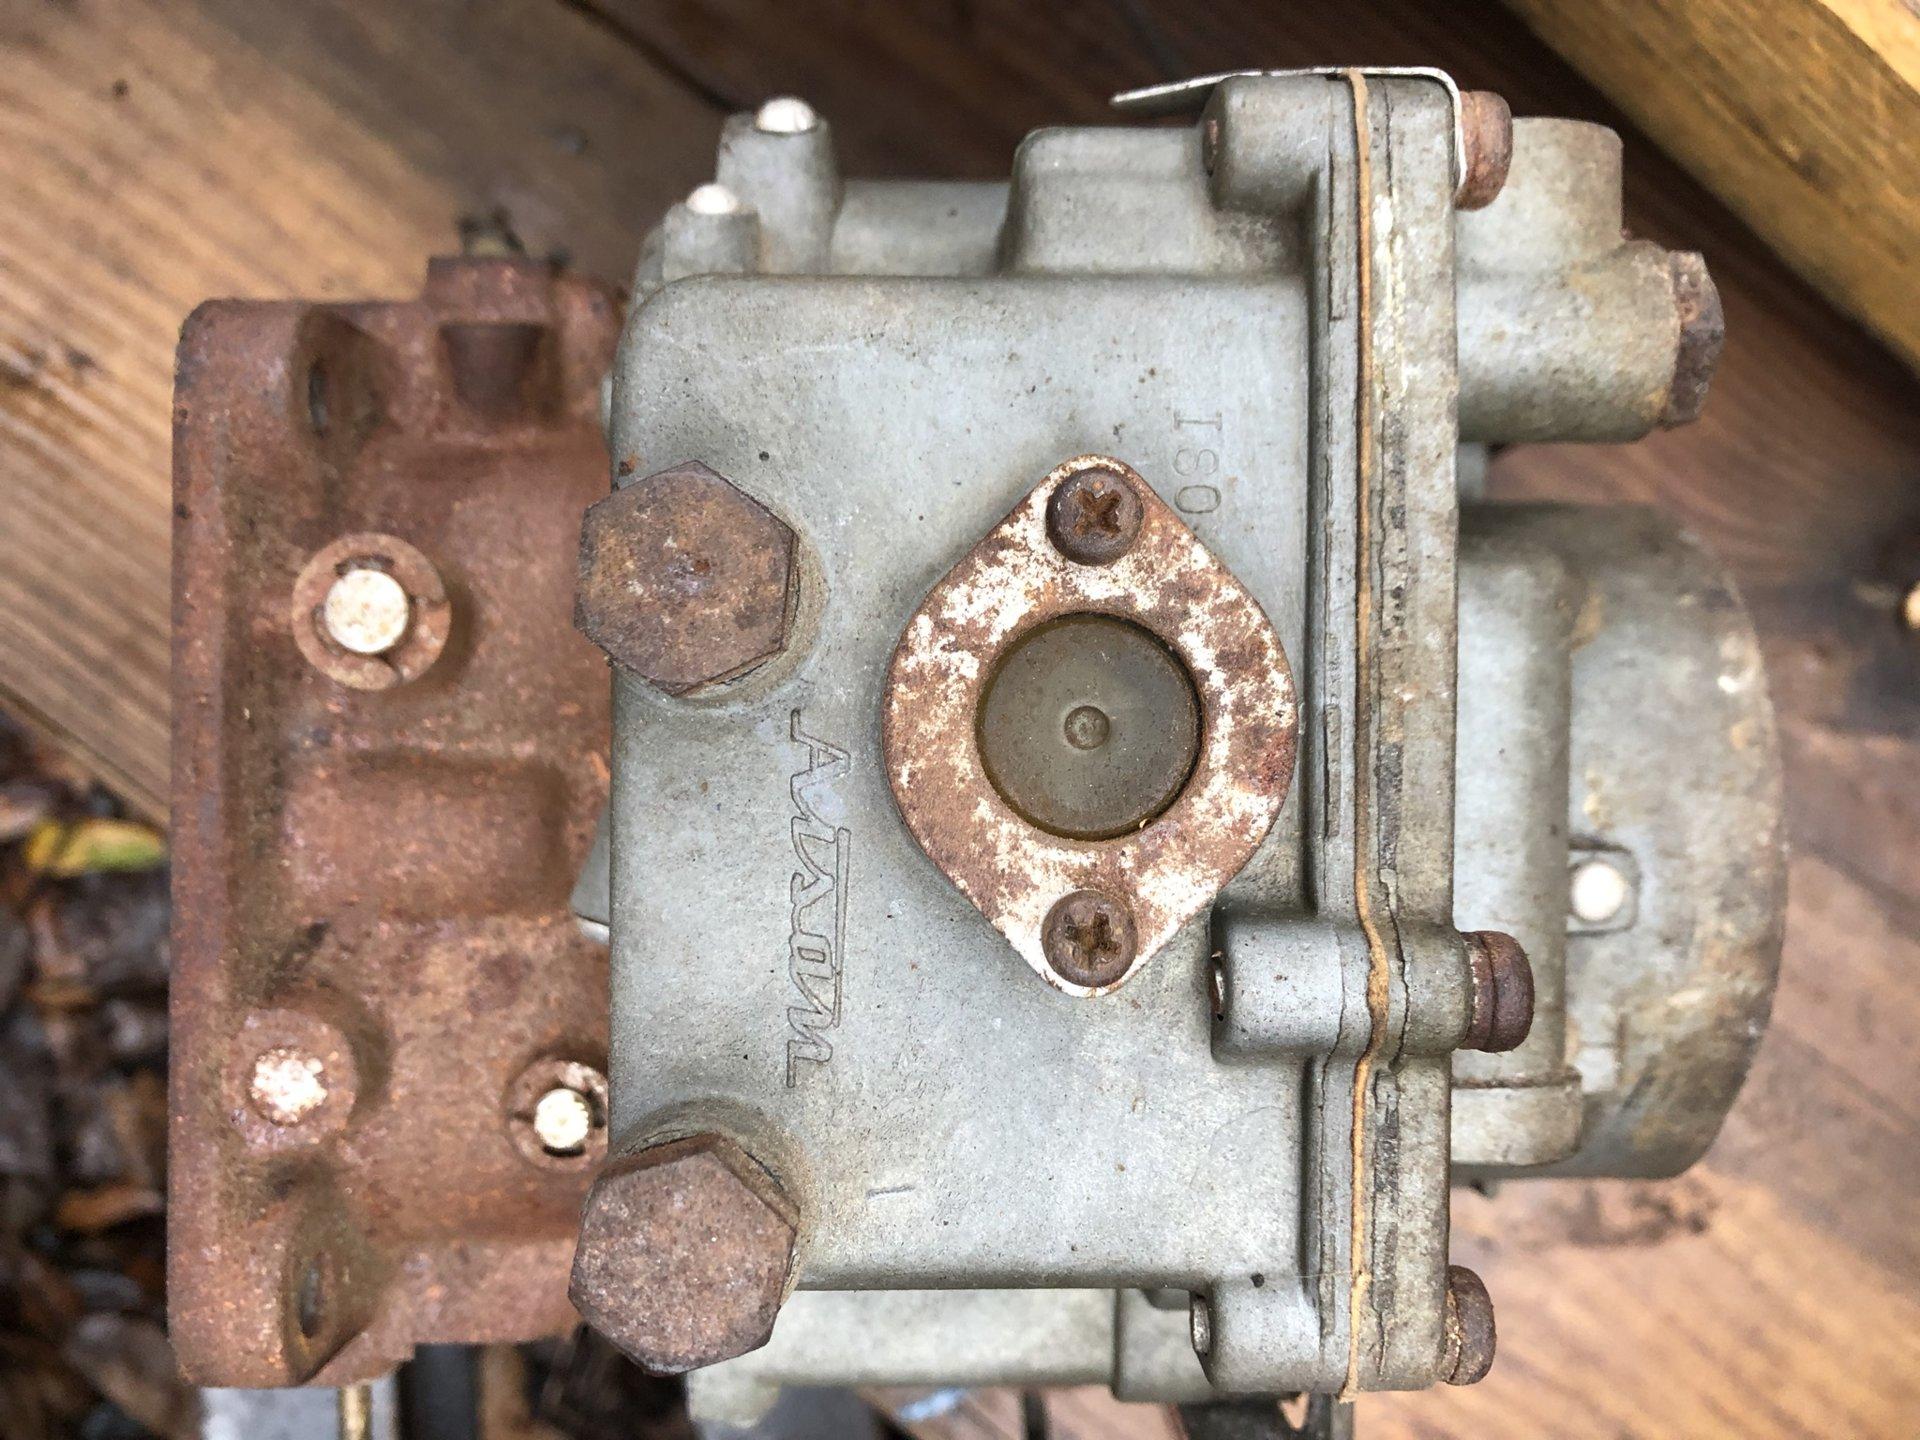 7987DEEC-699B-4697-A551-2F50BBE69A86.jpeg